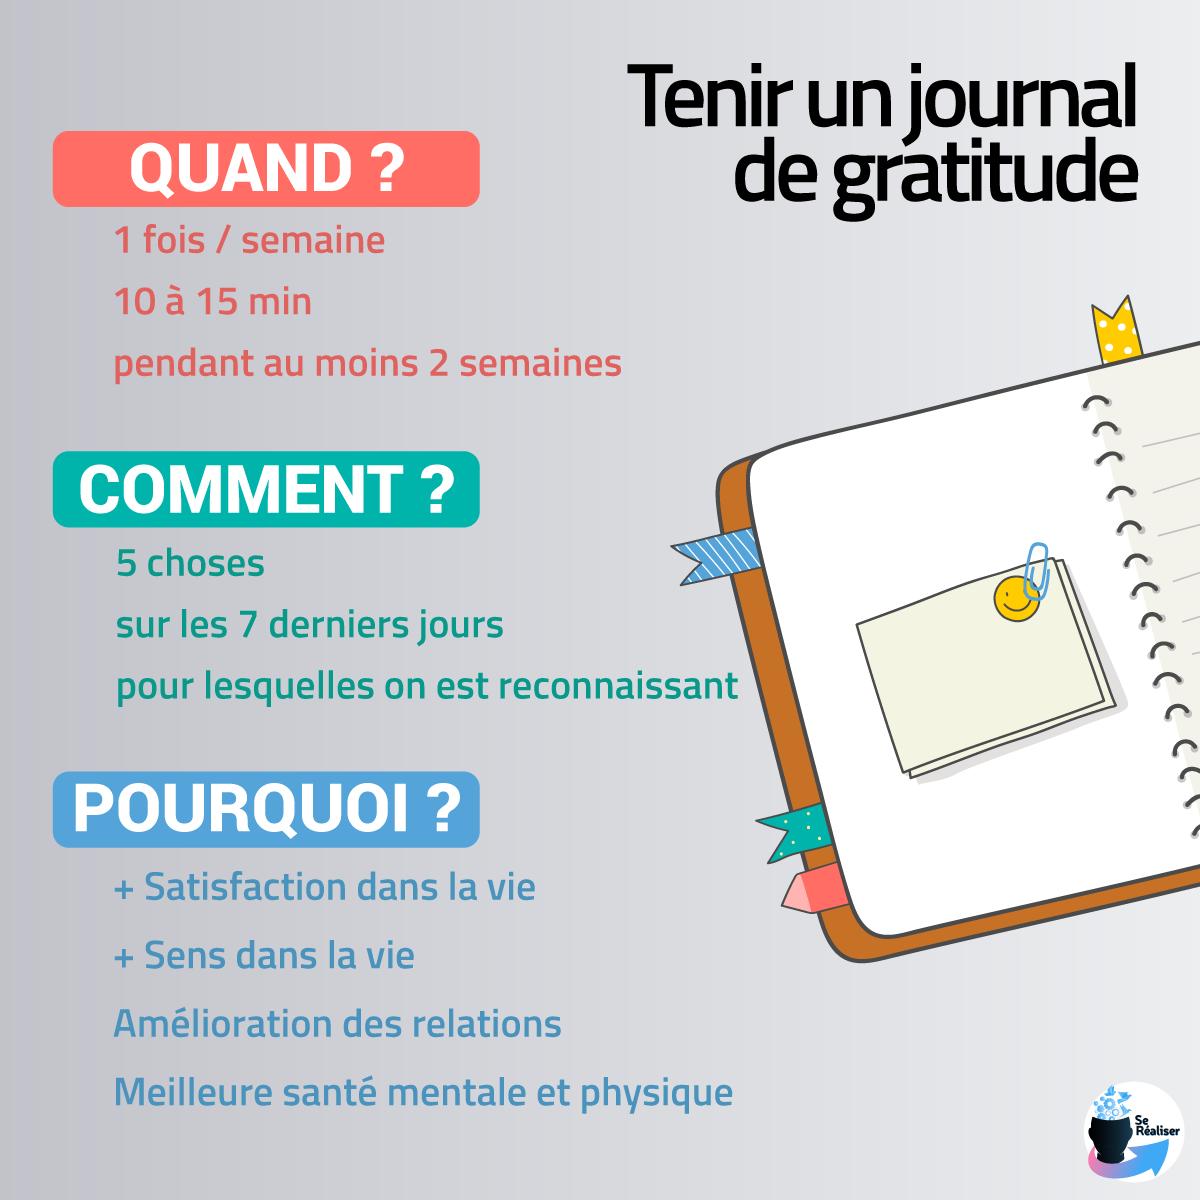 Description illustrée du protocole du journal de gratitude